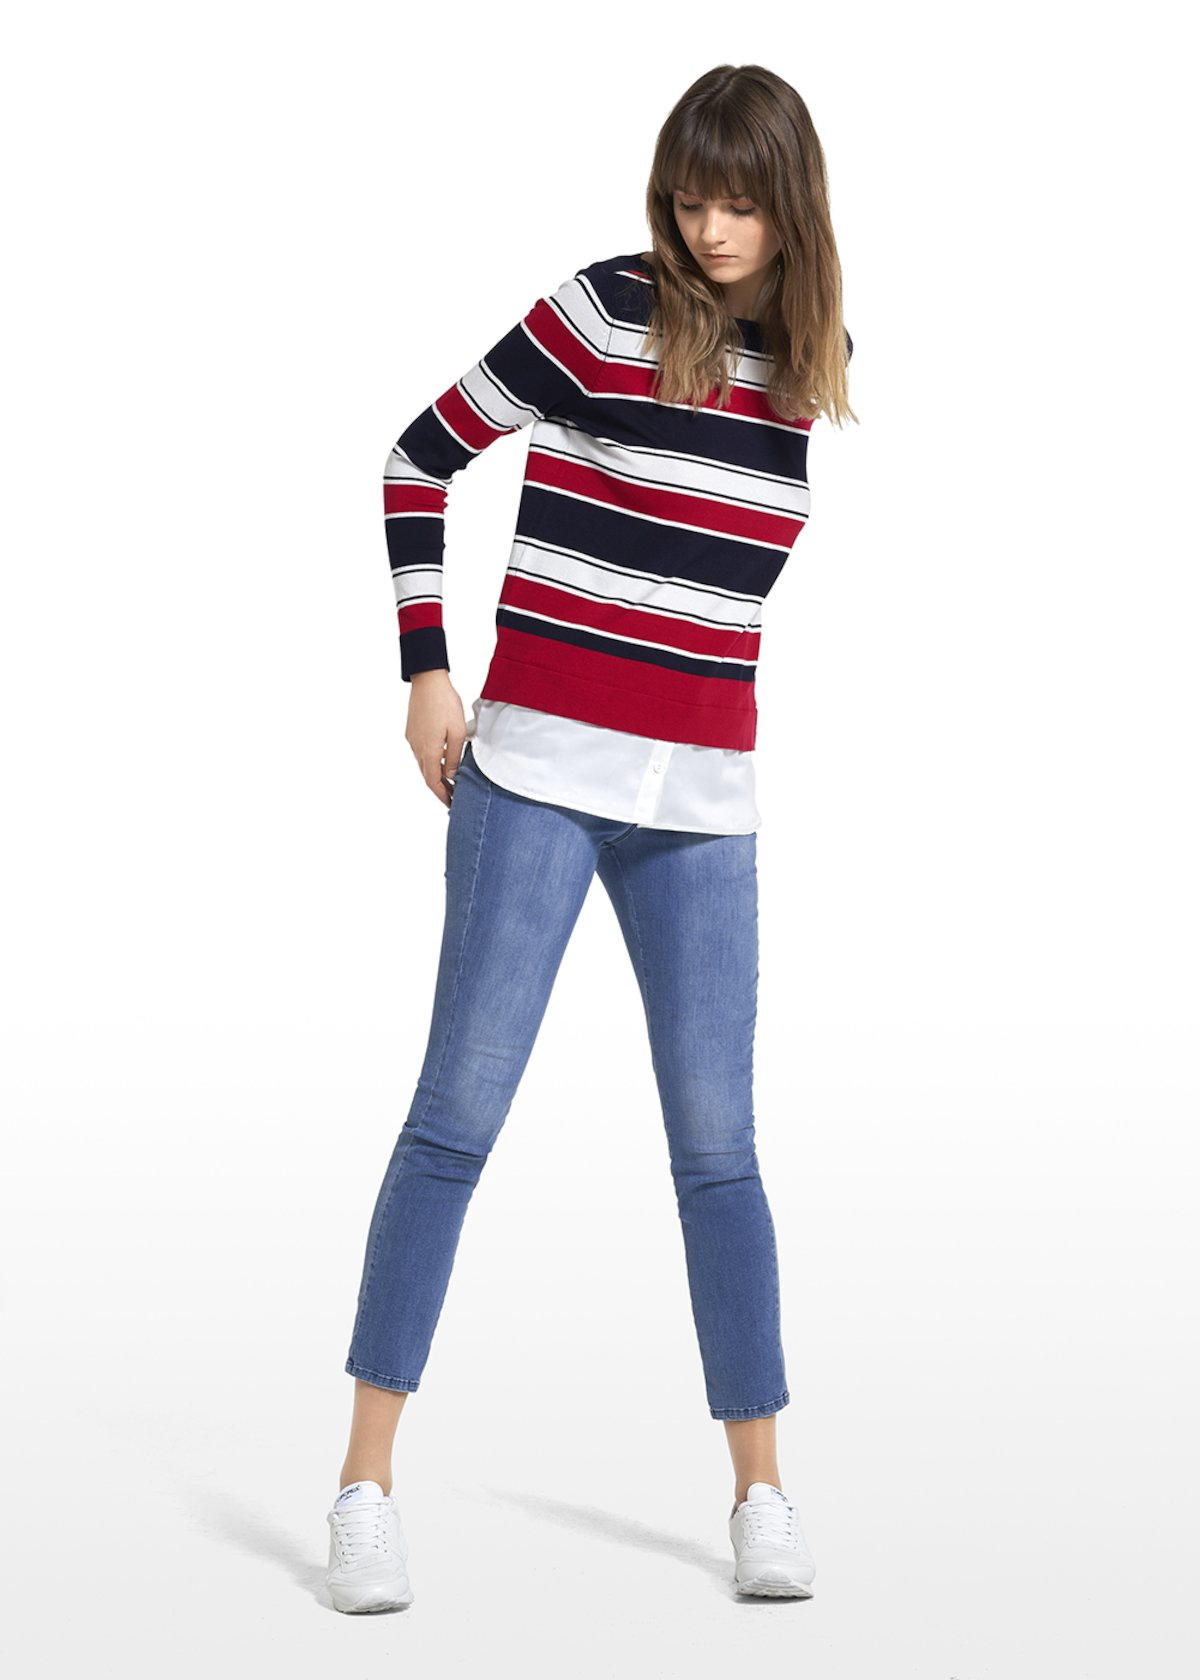 Maglia Maddy fantasia righe tricolor - White / Blue Stripes - Donna - Immagine categoria